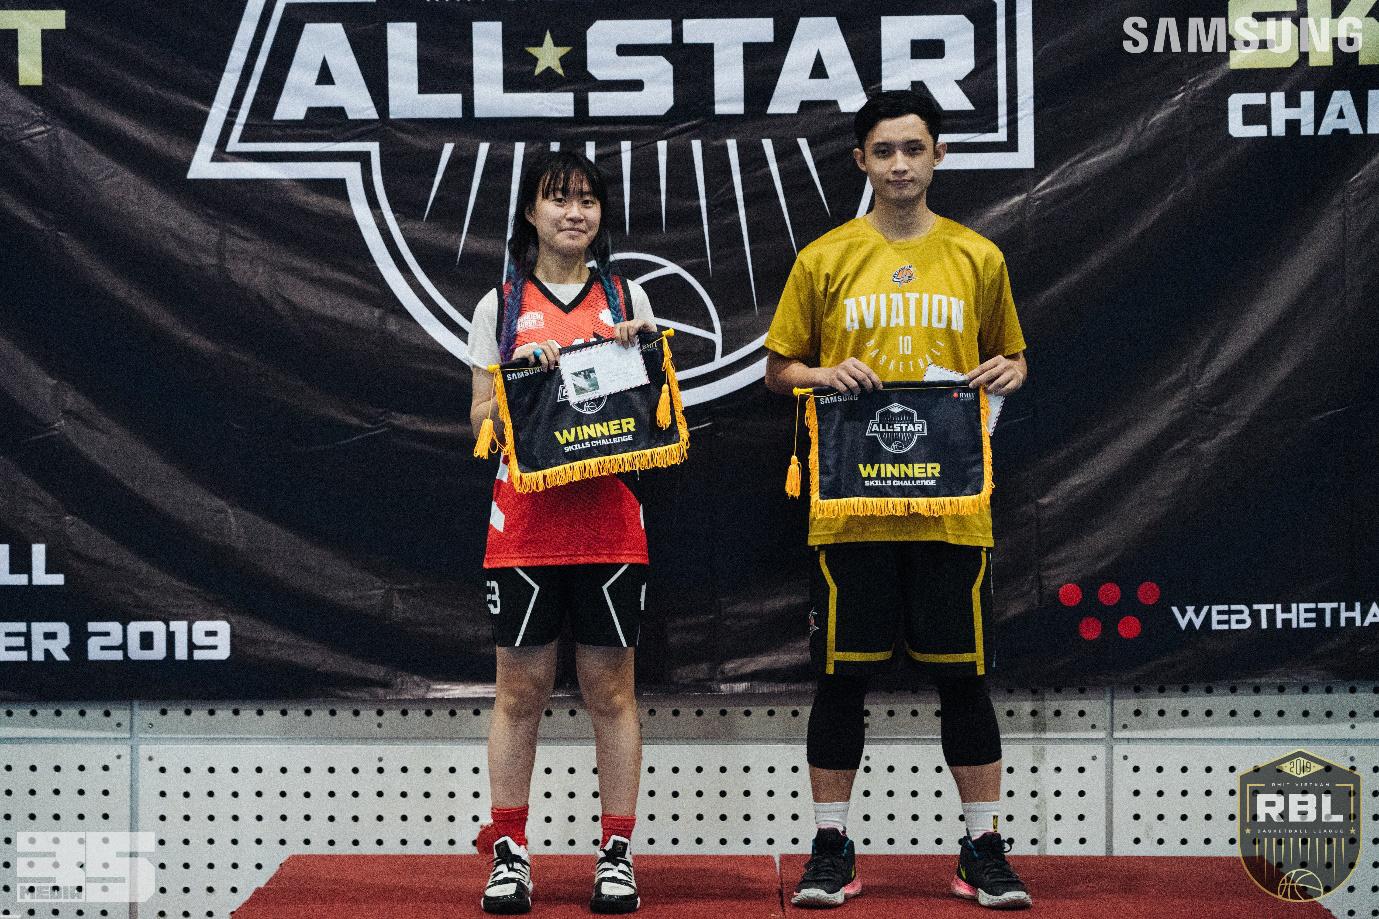 So tài nảy lửa tại RMIT Basketball League x Samsung All-Star 2019 với tinh thần Làm Điều Không Thể - Ảnh 2.